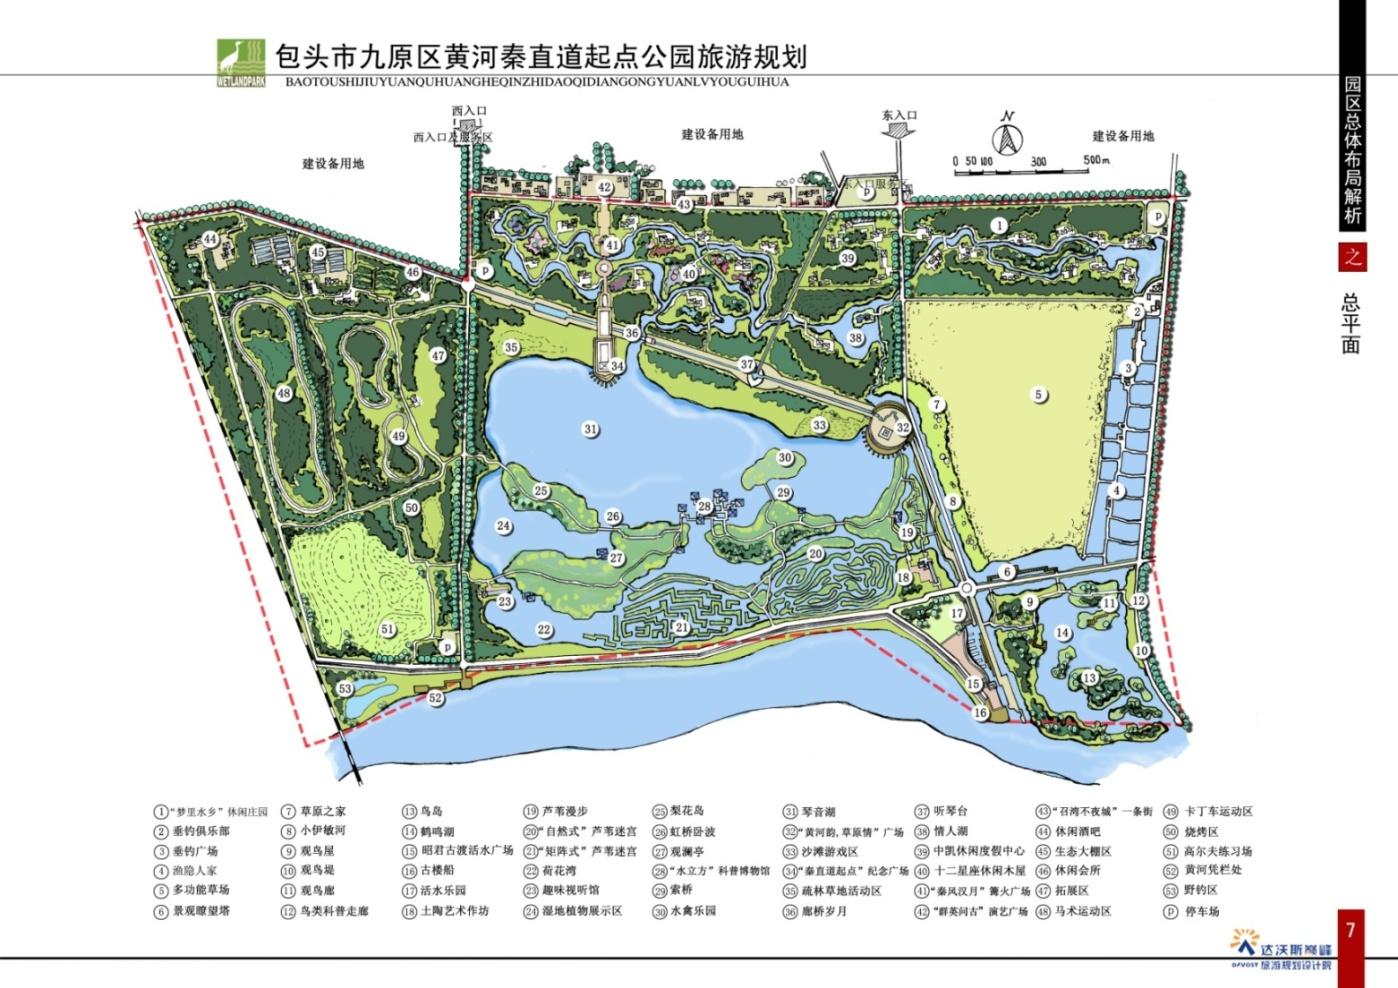 内蒙古包头九原黄河湿地旅游区概念性规划 全域旅游规划 第5张